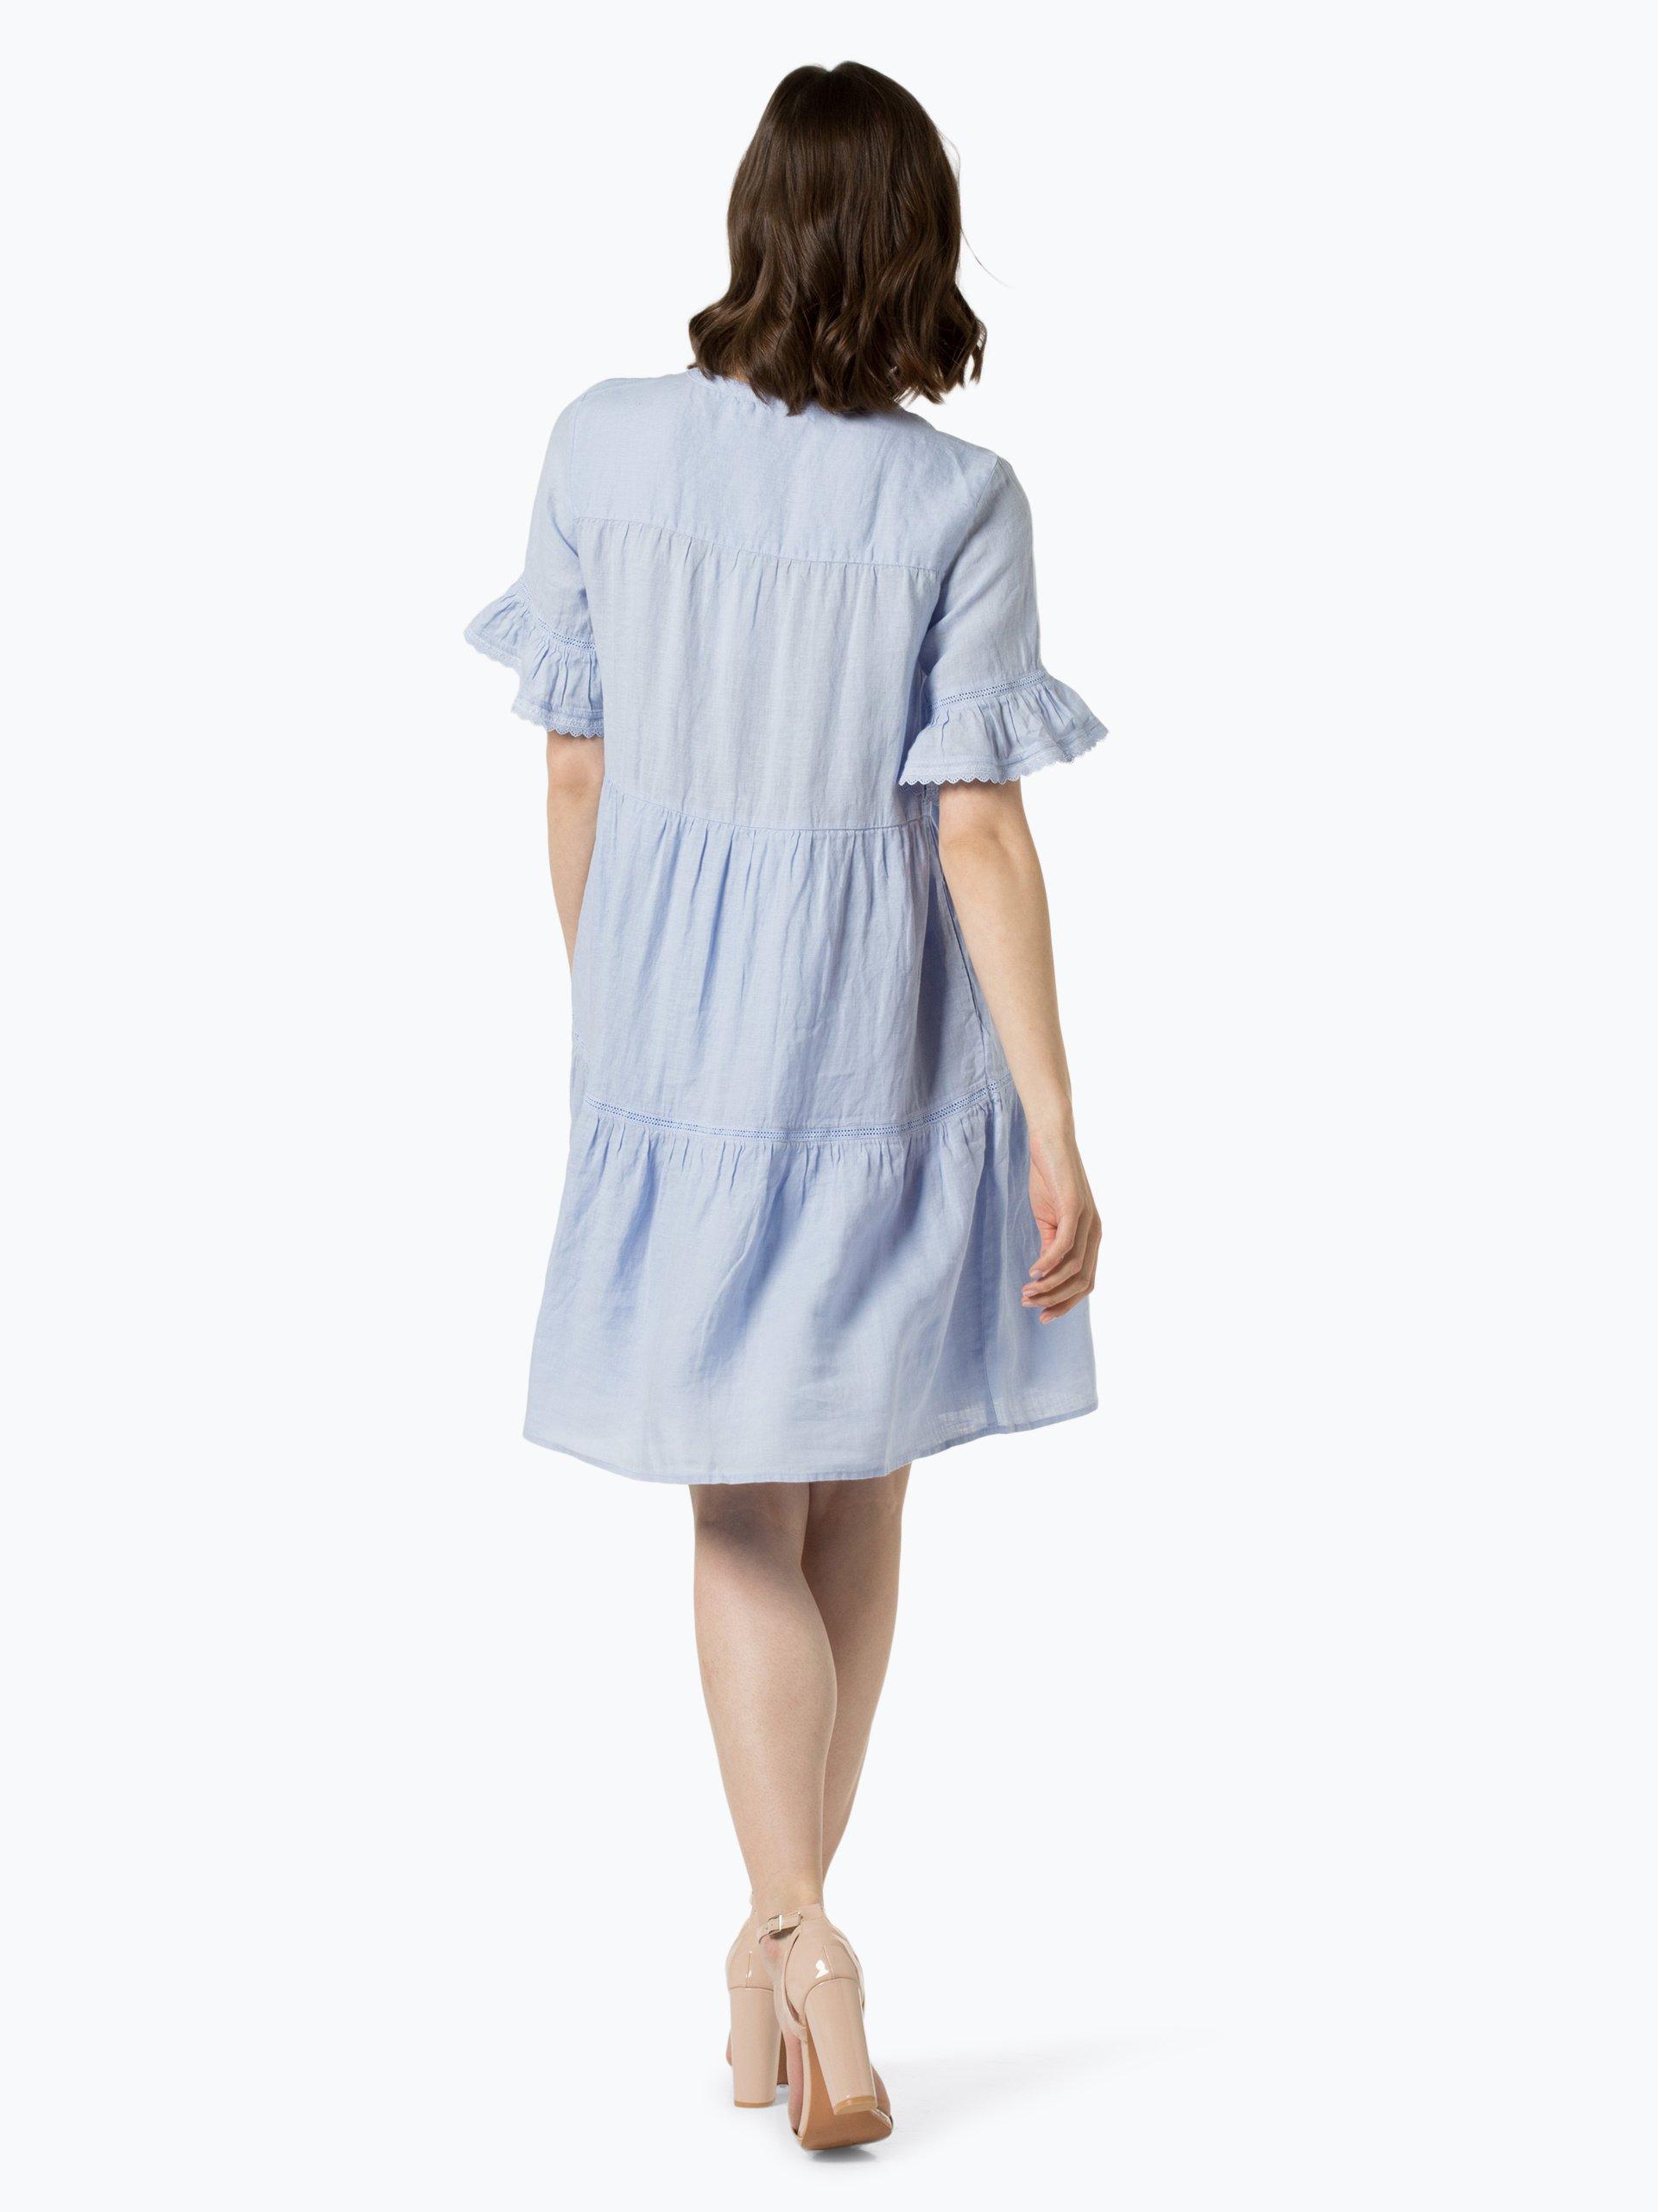 0039 Italy Damska sukienka lniana